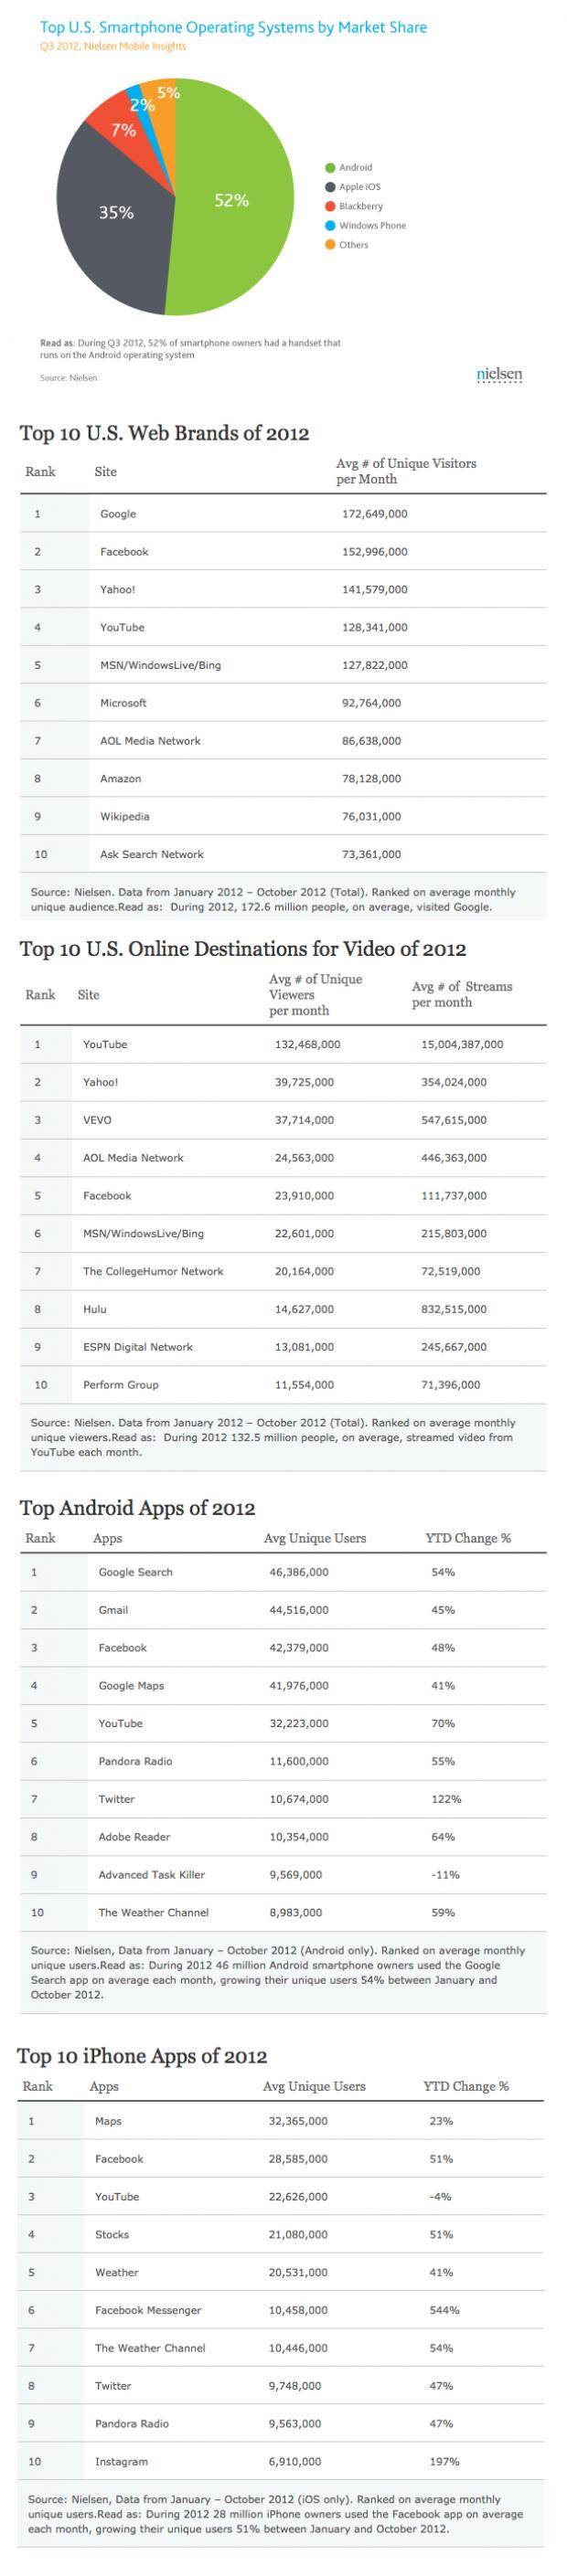 Nielsen's Lists of Top 10s of 2012